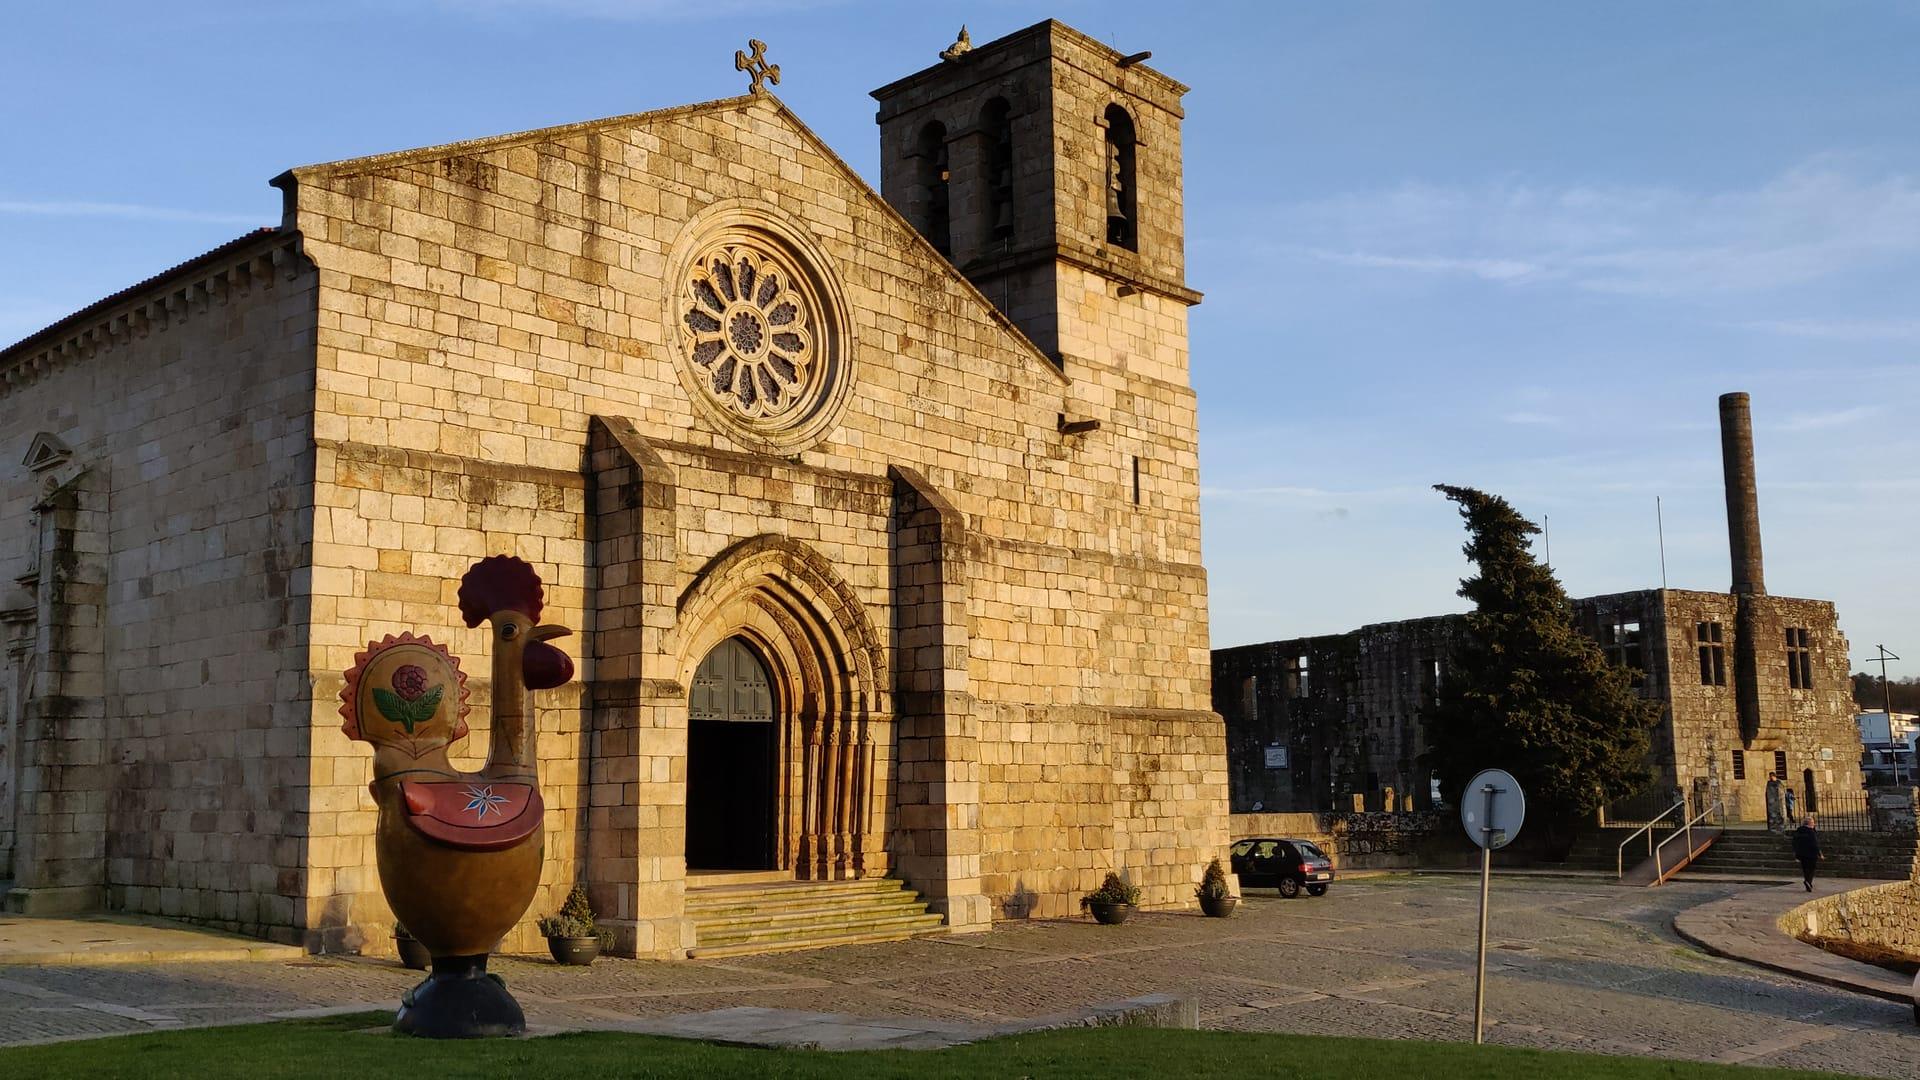 Imagem: Paço dos Condes de Barcelos com estátua do galo.